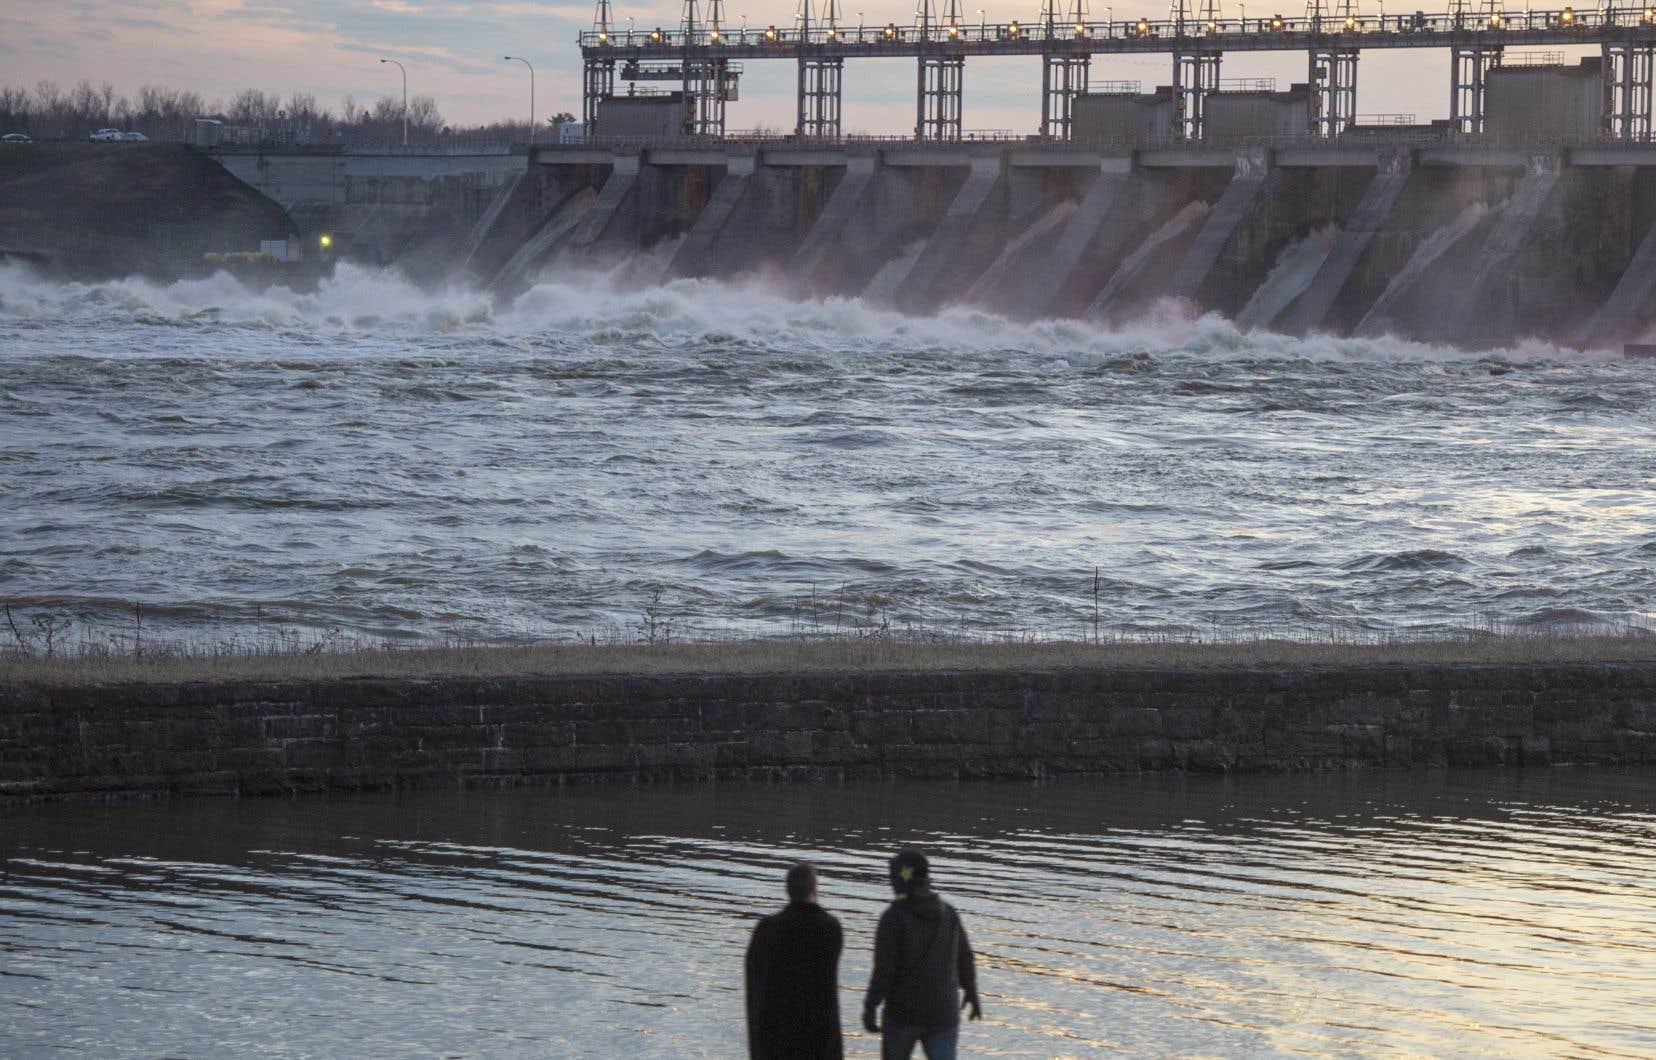 Le barrage hydroélectrique de Carillon, sur la rivière des Outaouais